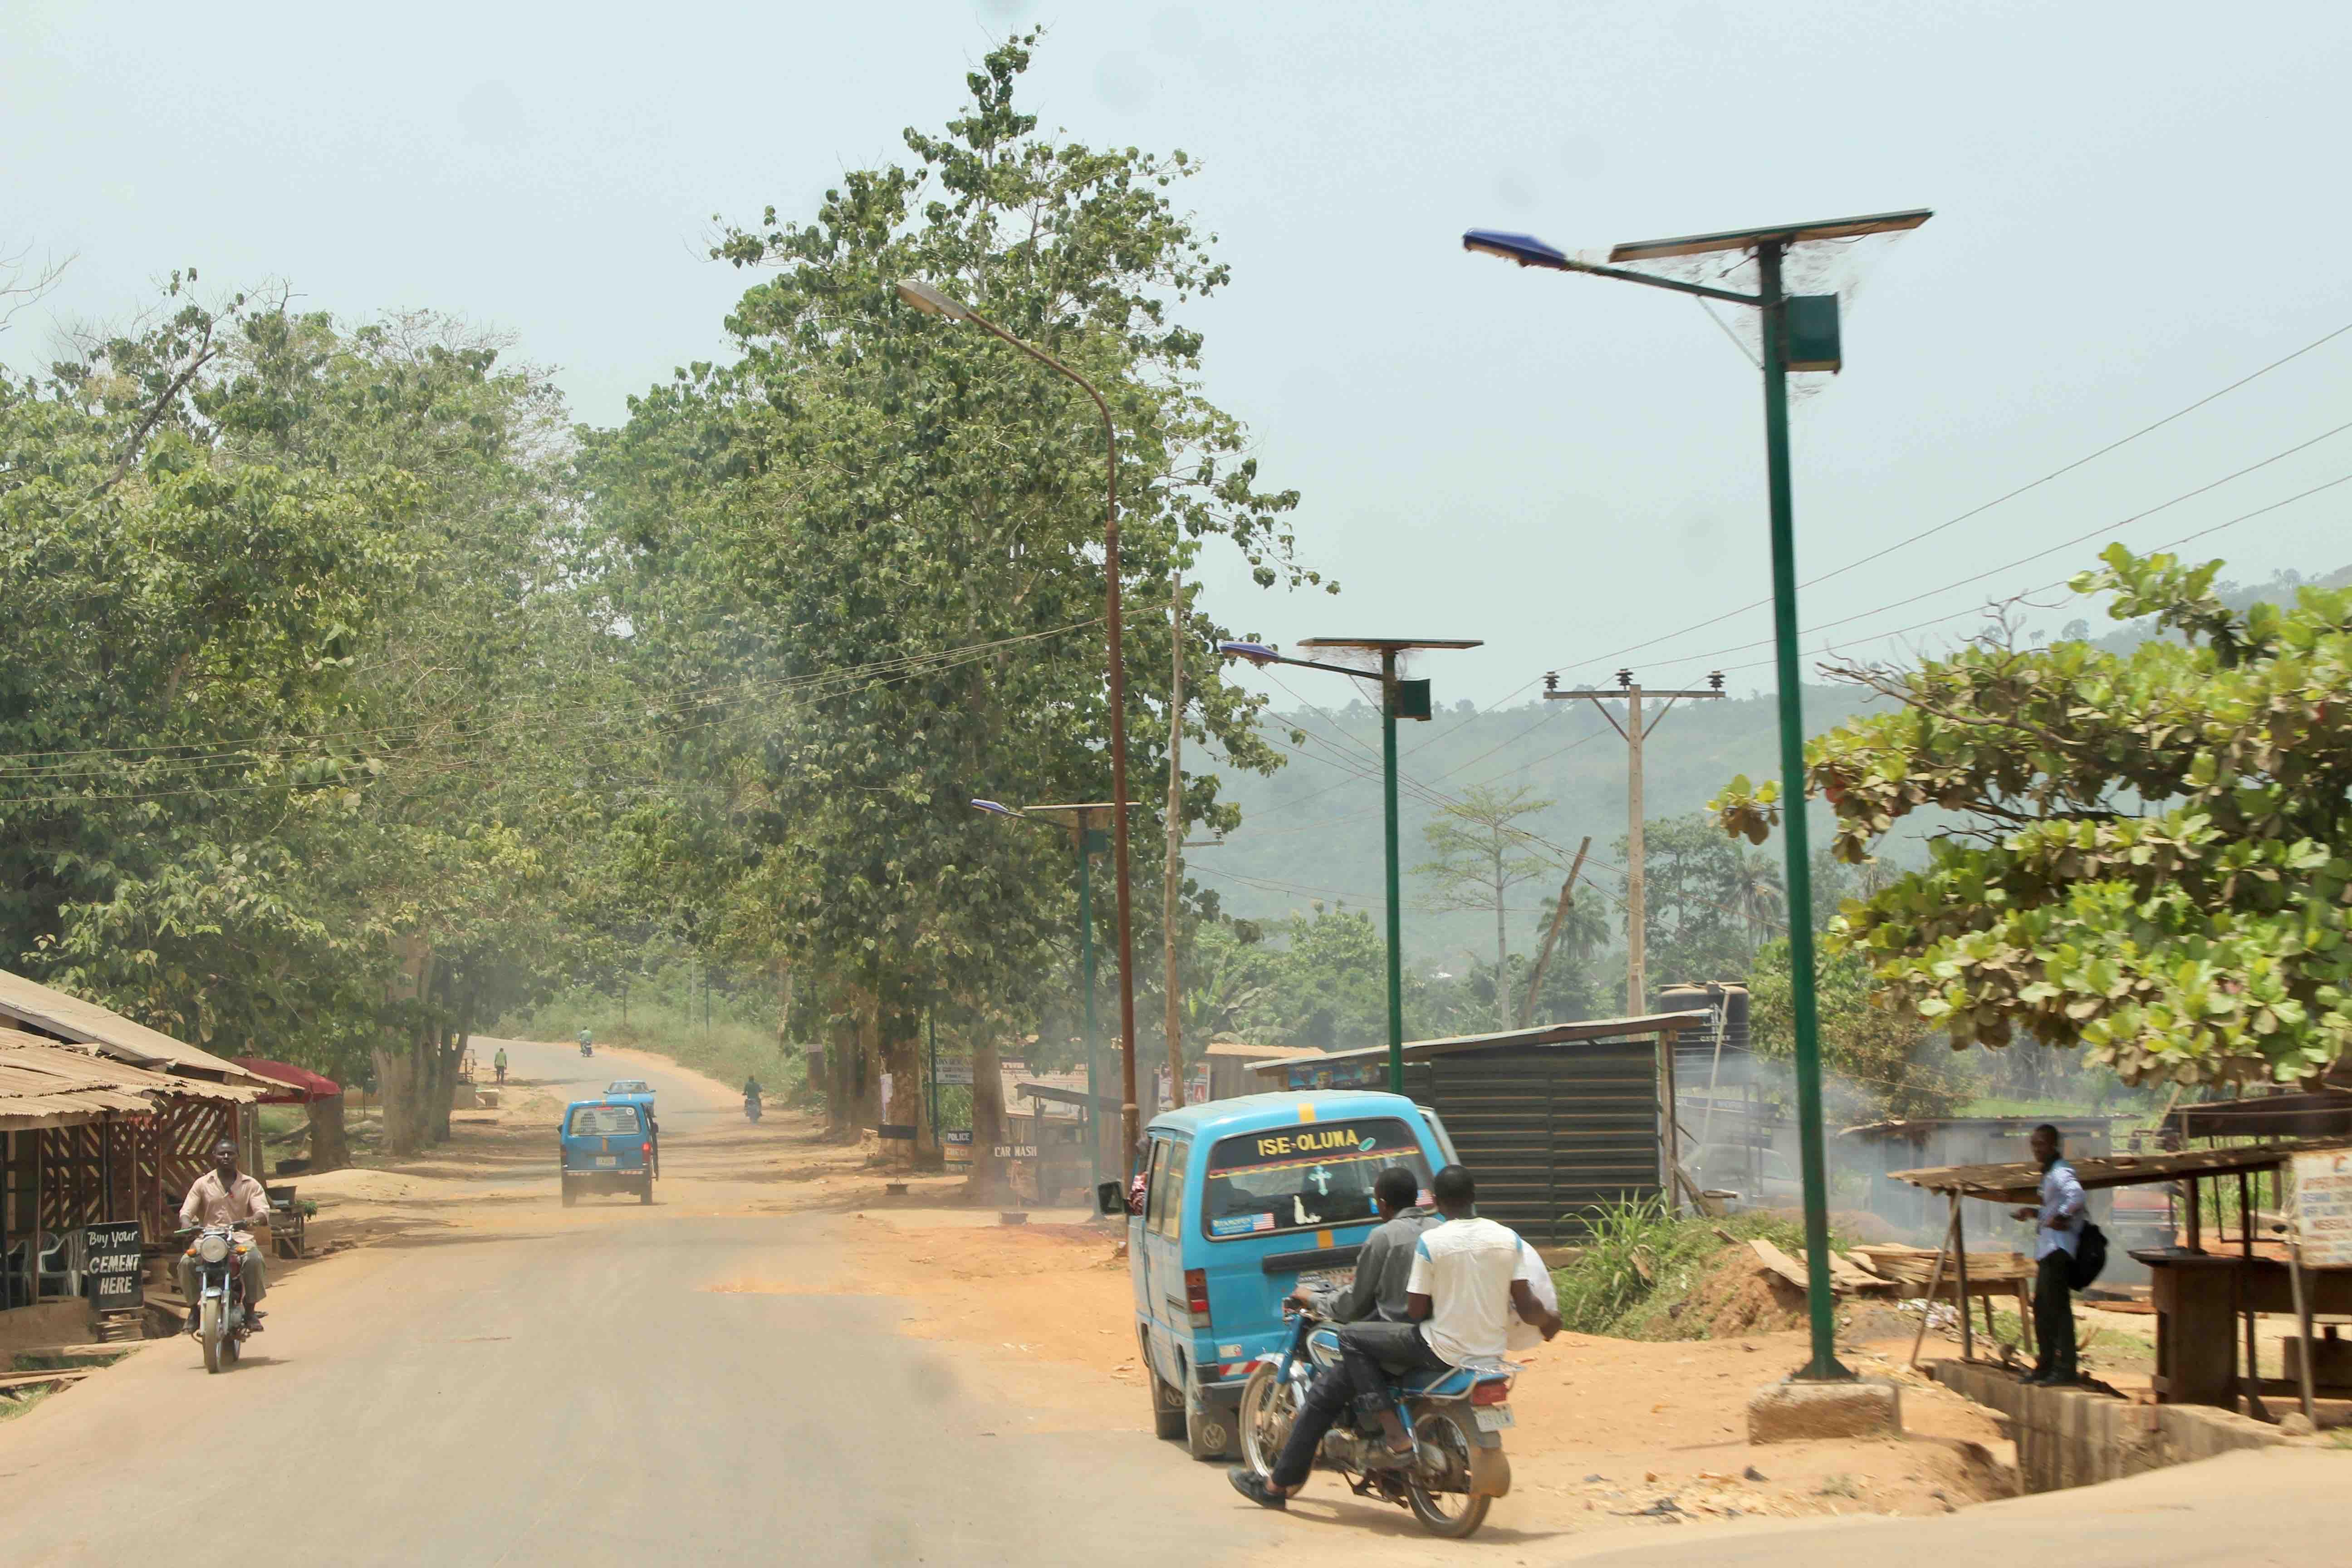 Lawrence Omole Way, Omi Asoro, Ilesa, Osun State, Nigeria. #JujuFilms